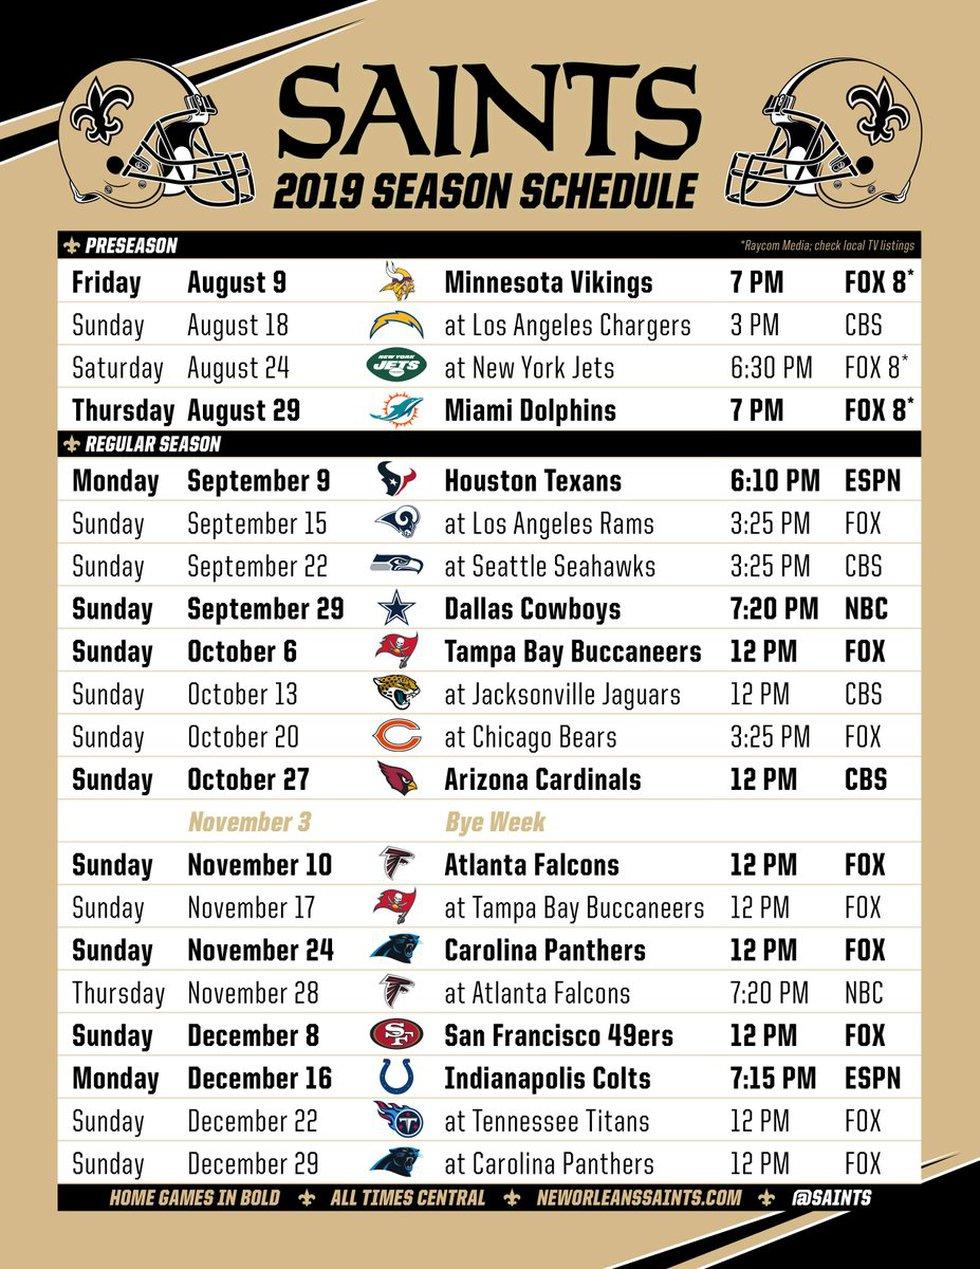 Saints' 2019 Schedule (Courtesy: New Orleans Saints)